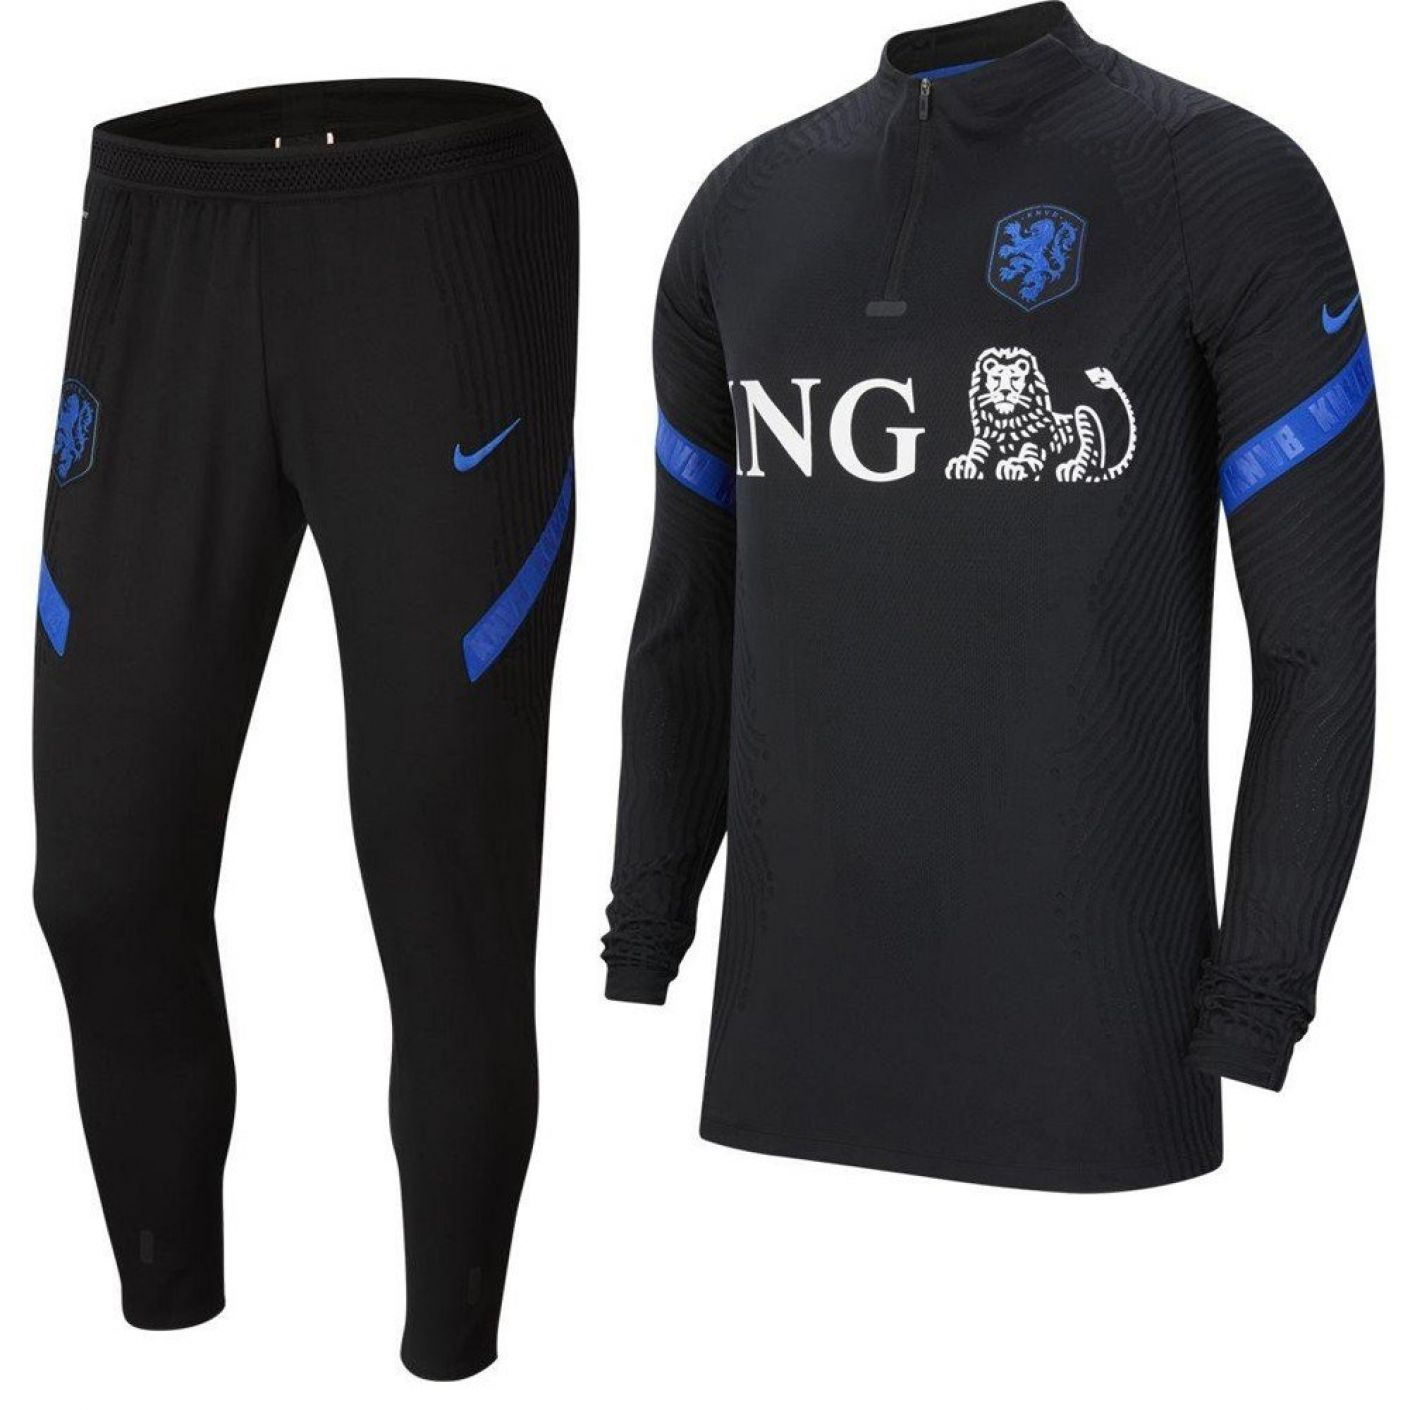 Nike Nederland VaporKnit Strike Trainingspak 2020-2022 Zwart Blauw